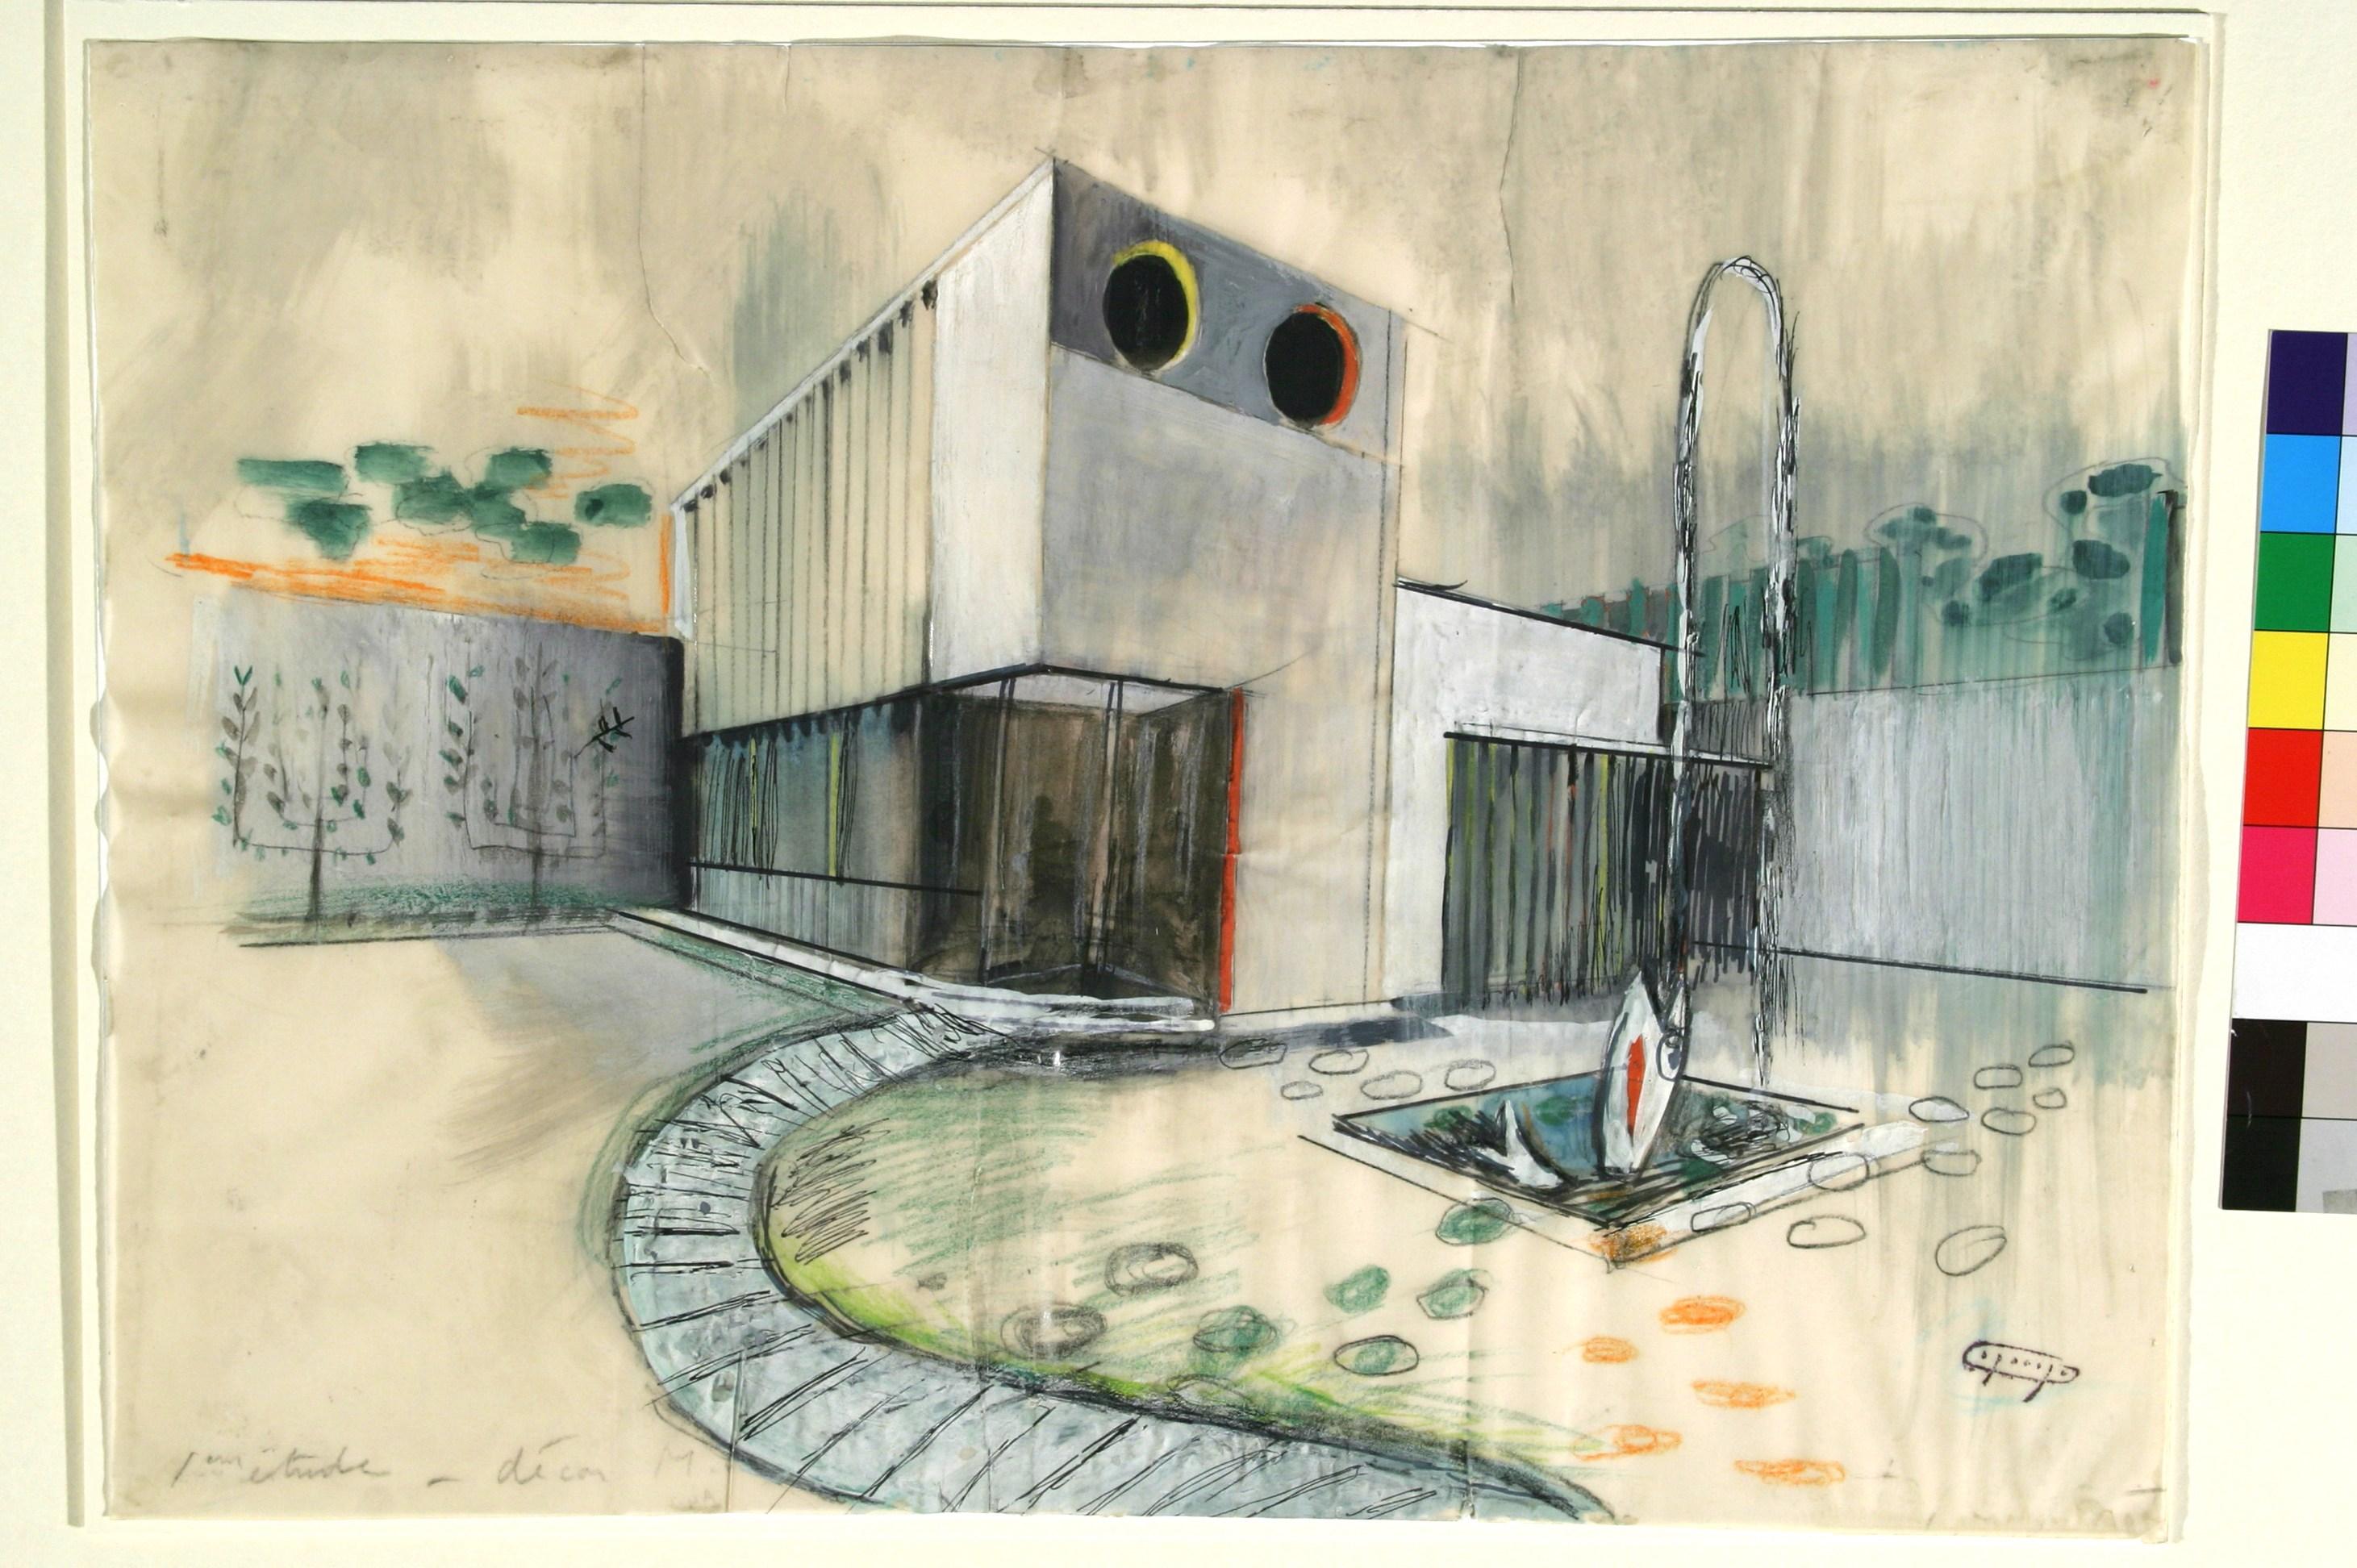 Entwurfszeichnung von Jacques Lagrange zum Film Mon oncle (Frankreich/Italien 1956–58, Regie: Jacques)